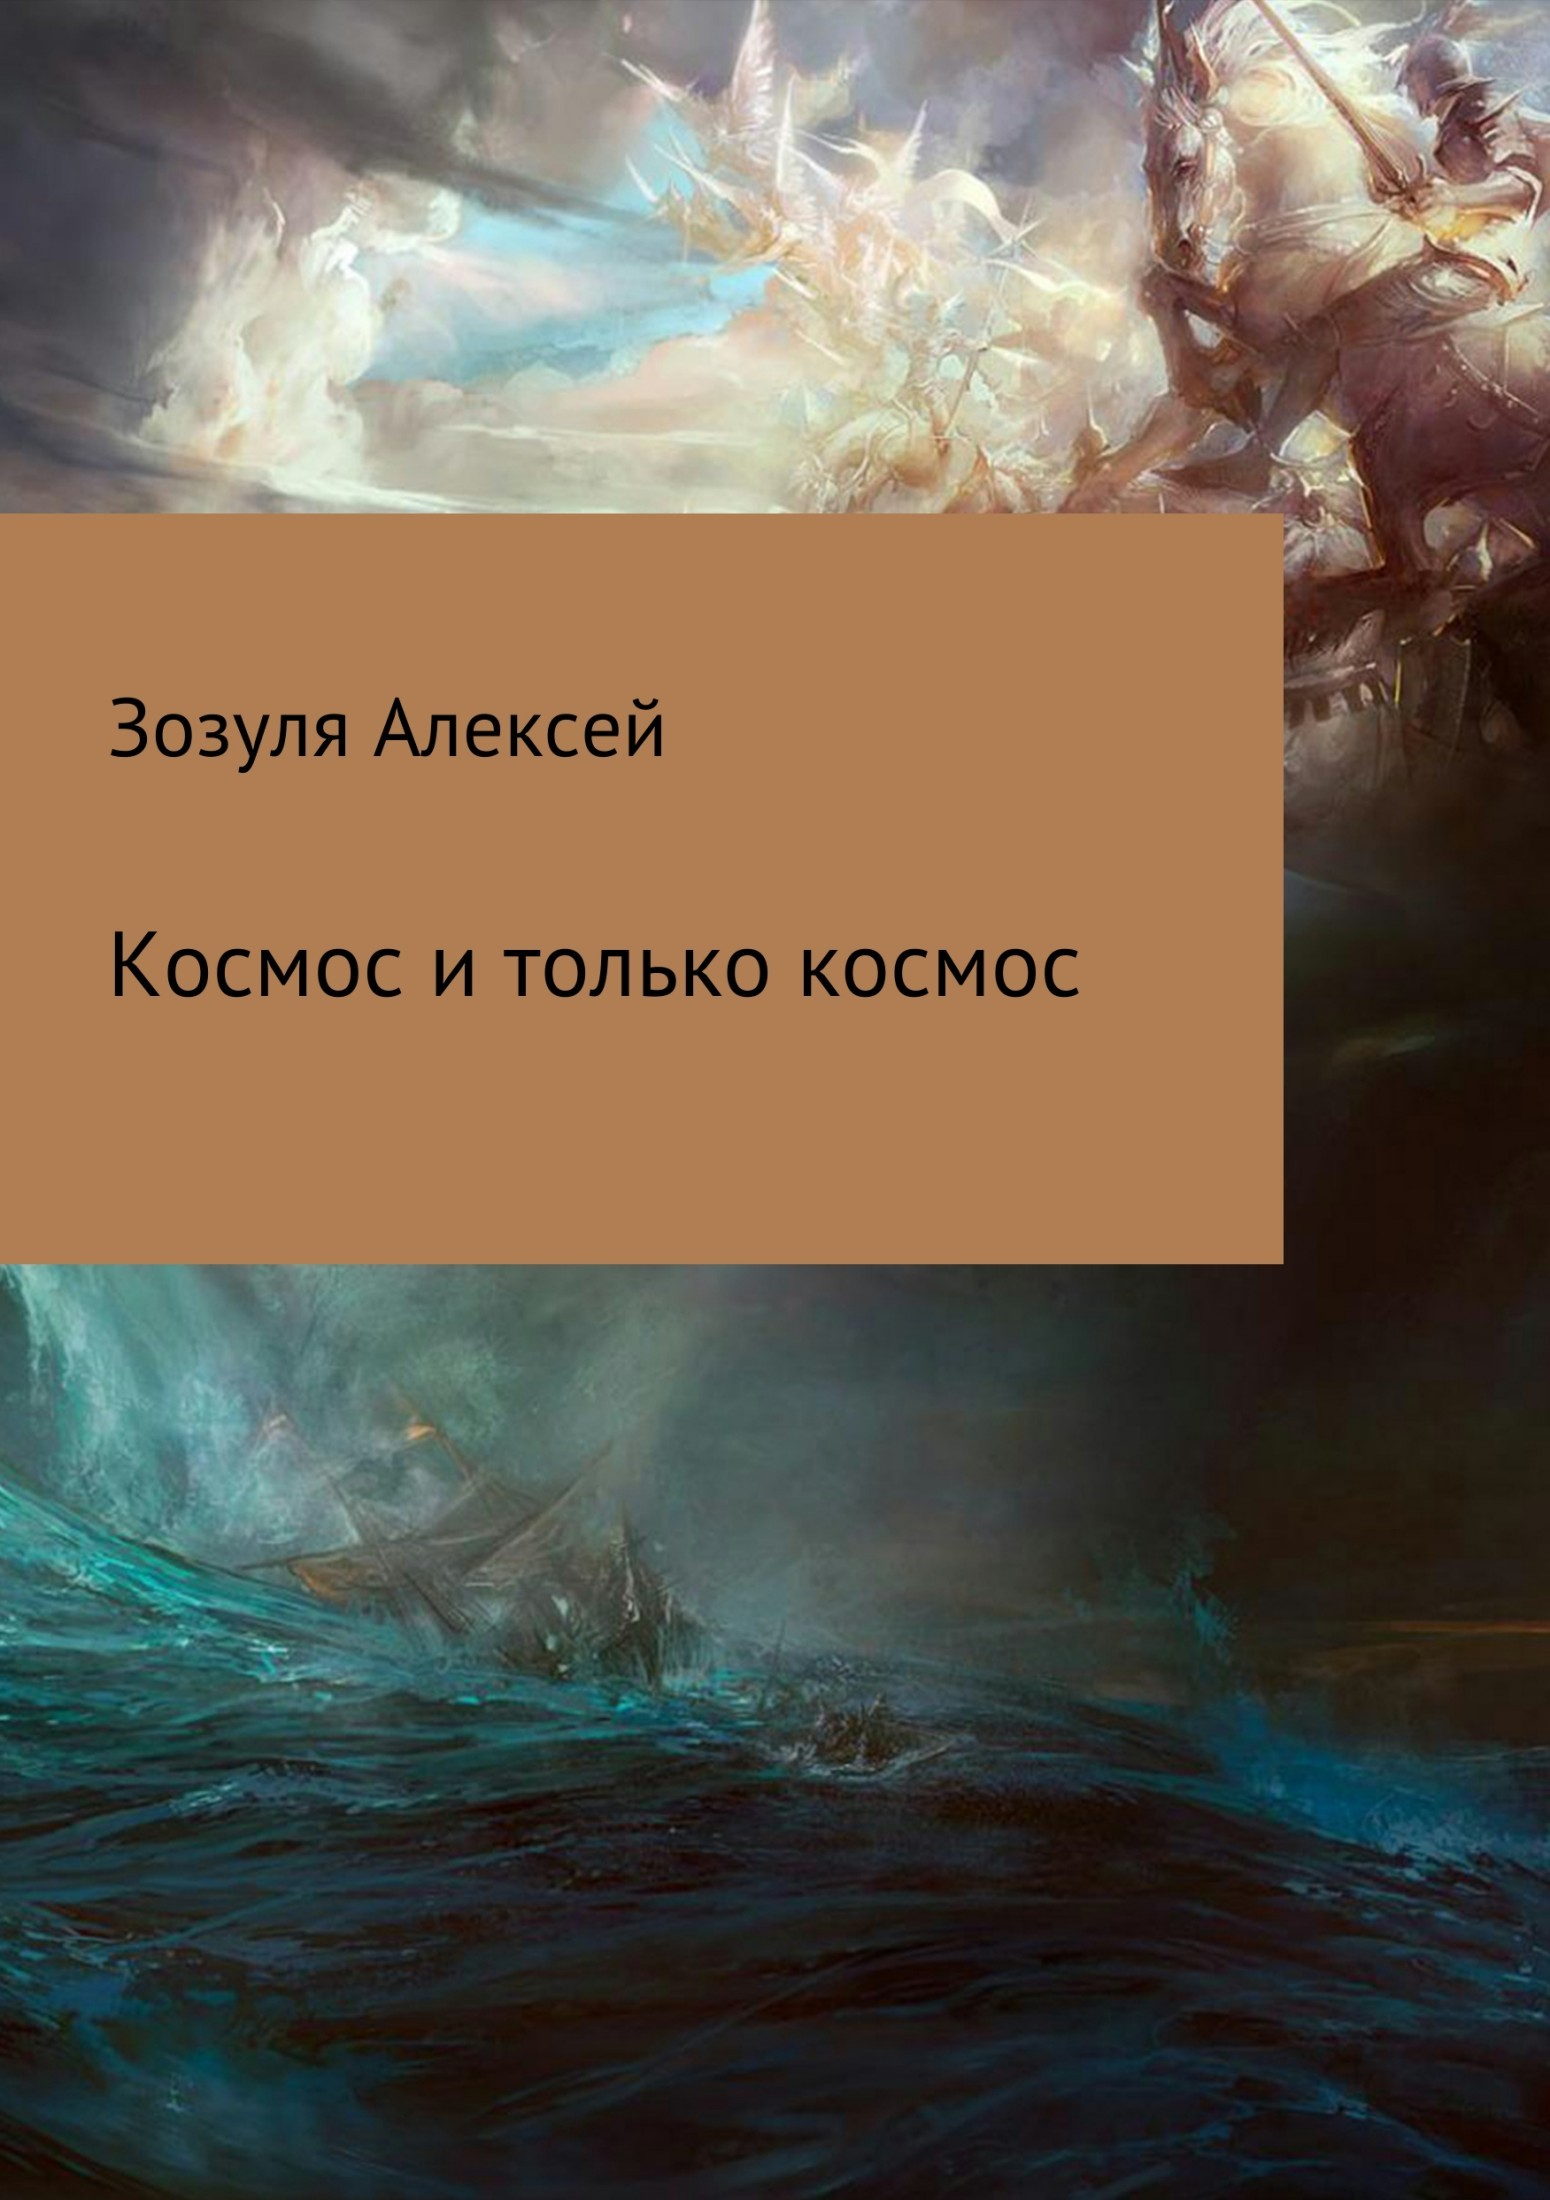 Алексей Зозуля - Космос и только космос